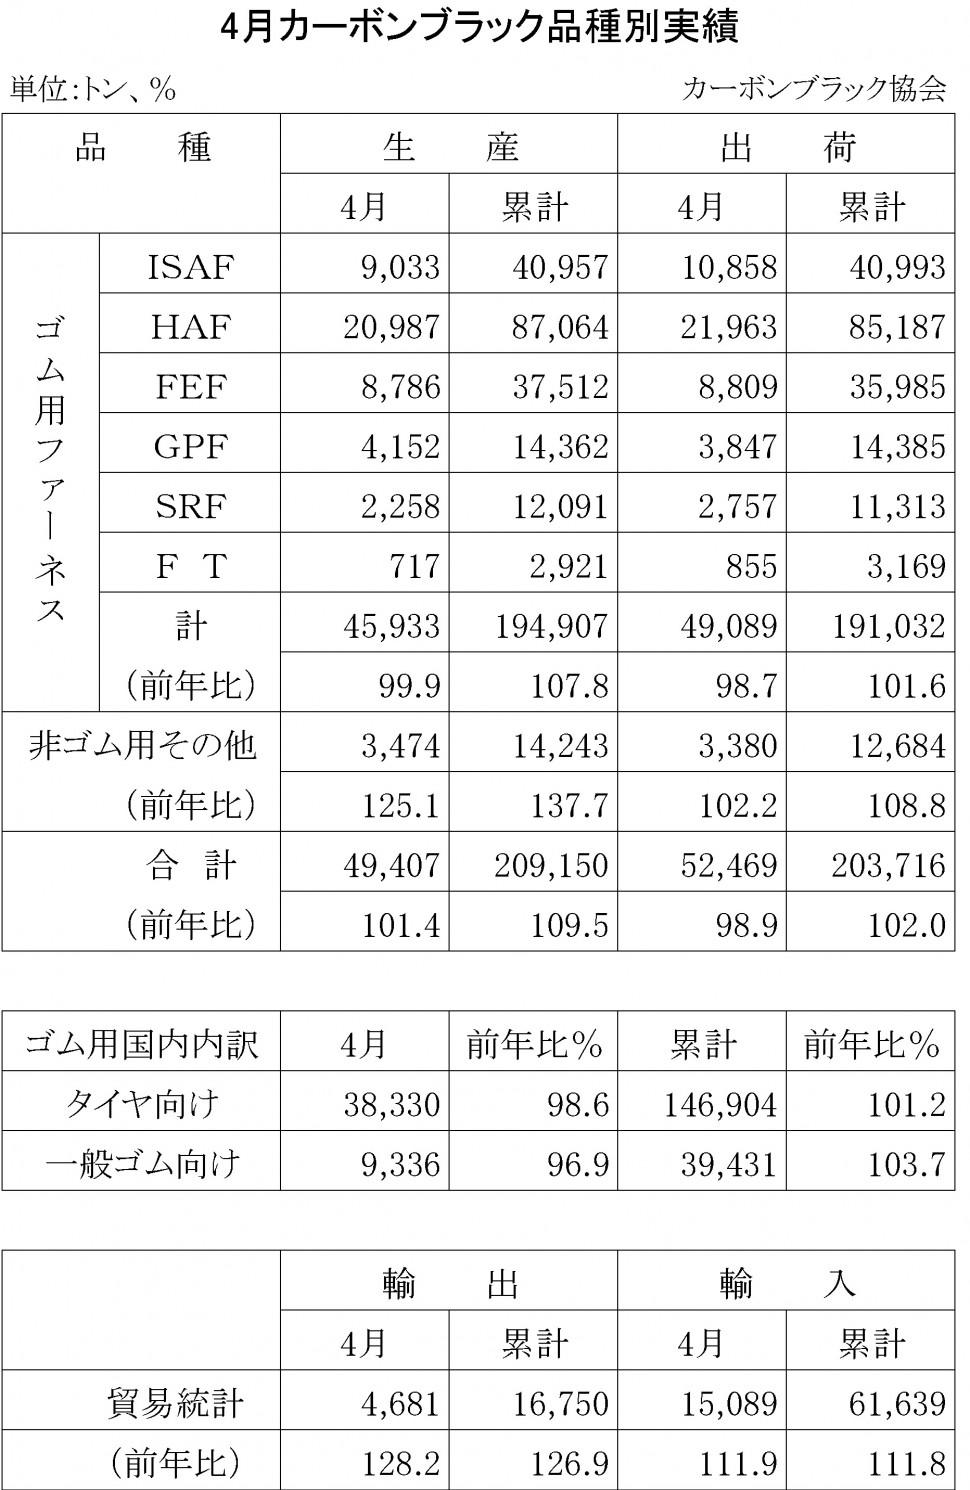 2014年4月のカーボンブラック品種別実績